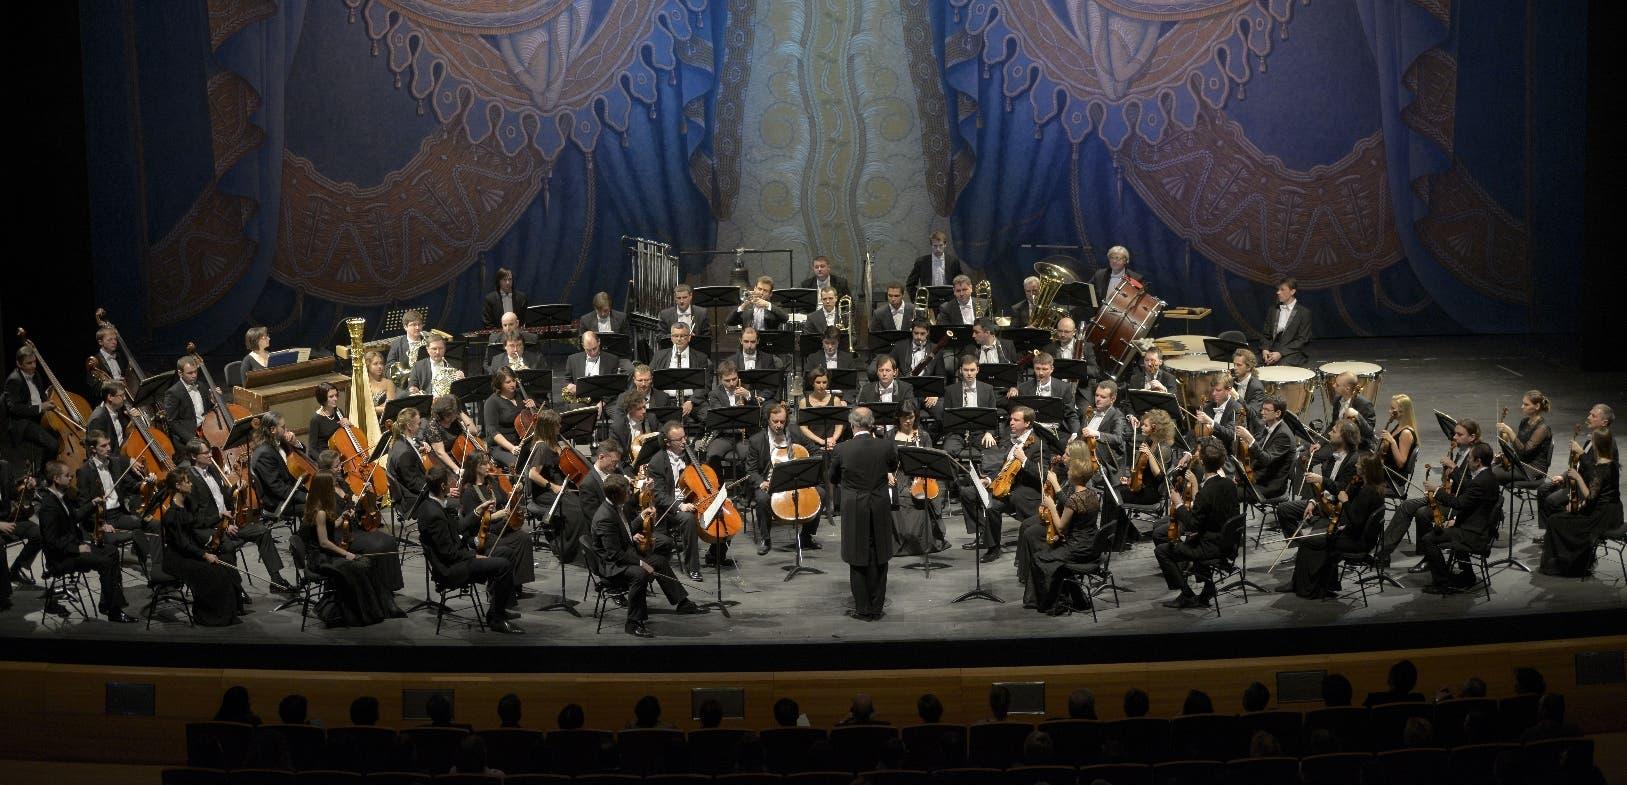 Fundación Sinfonía anuncia magistrales conciertos sinfónicos